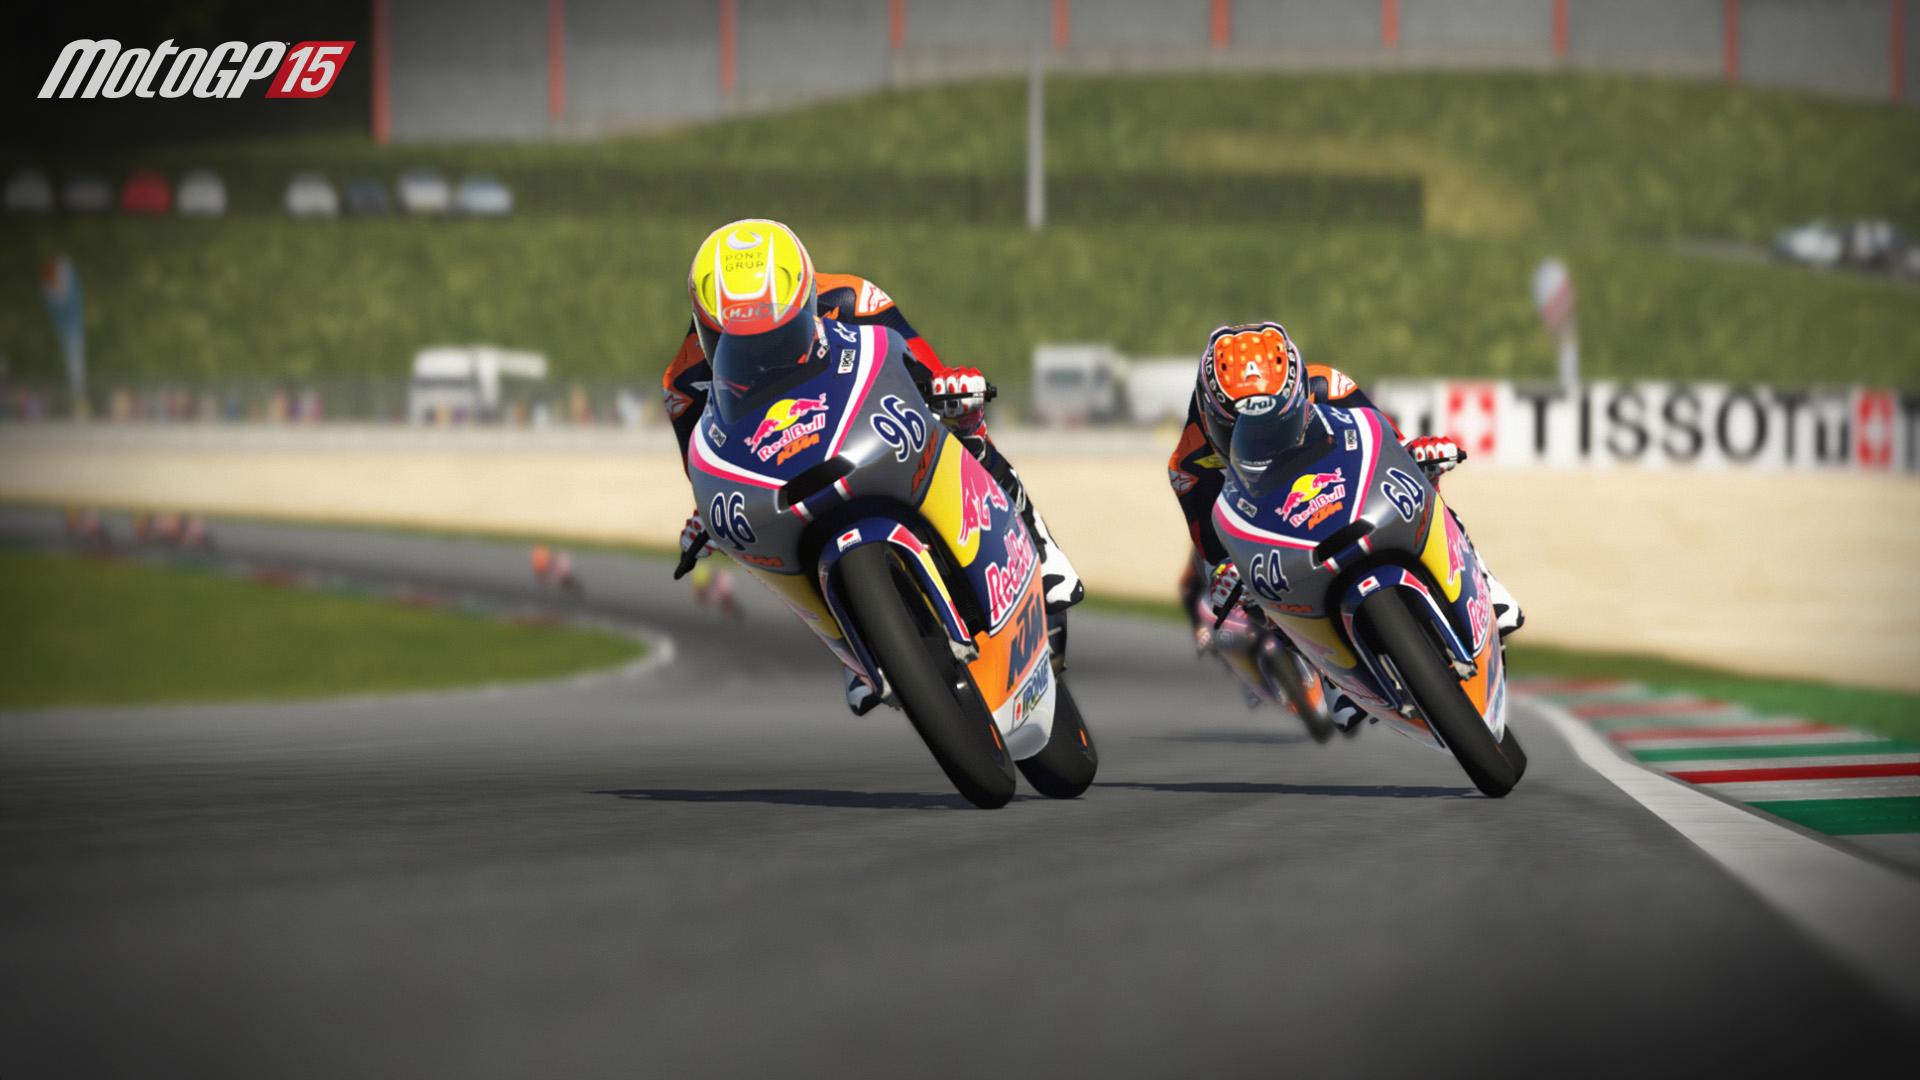 MotoGP15 Red Bull Rookies Cup screenshot